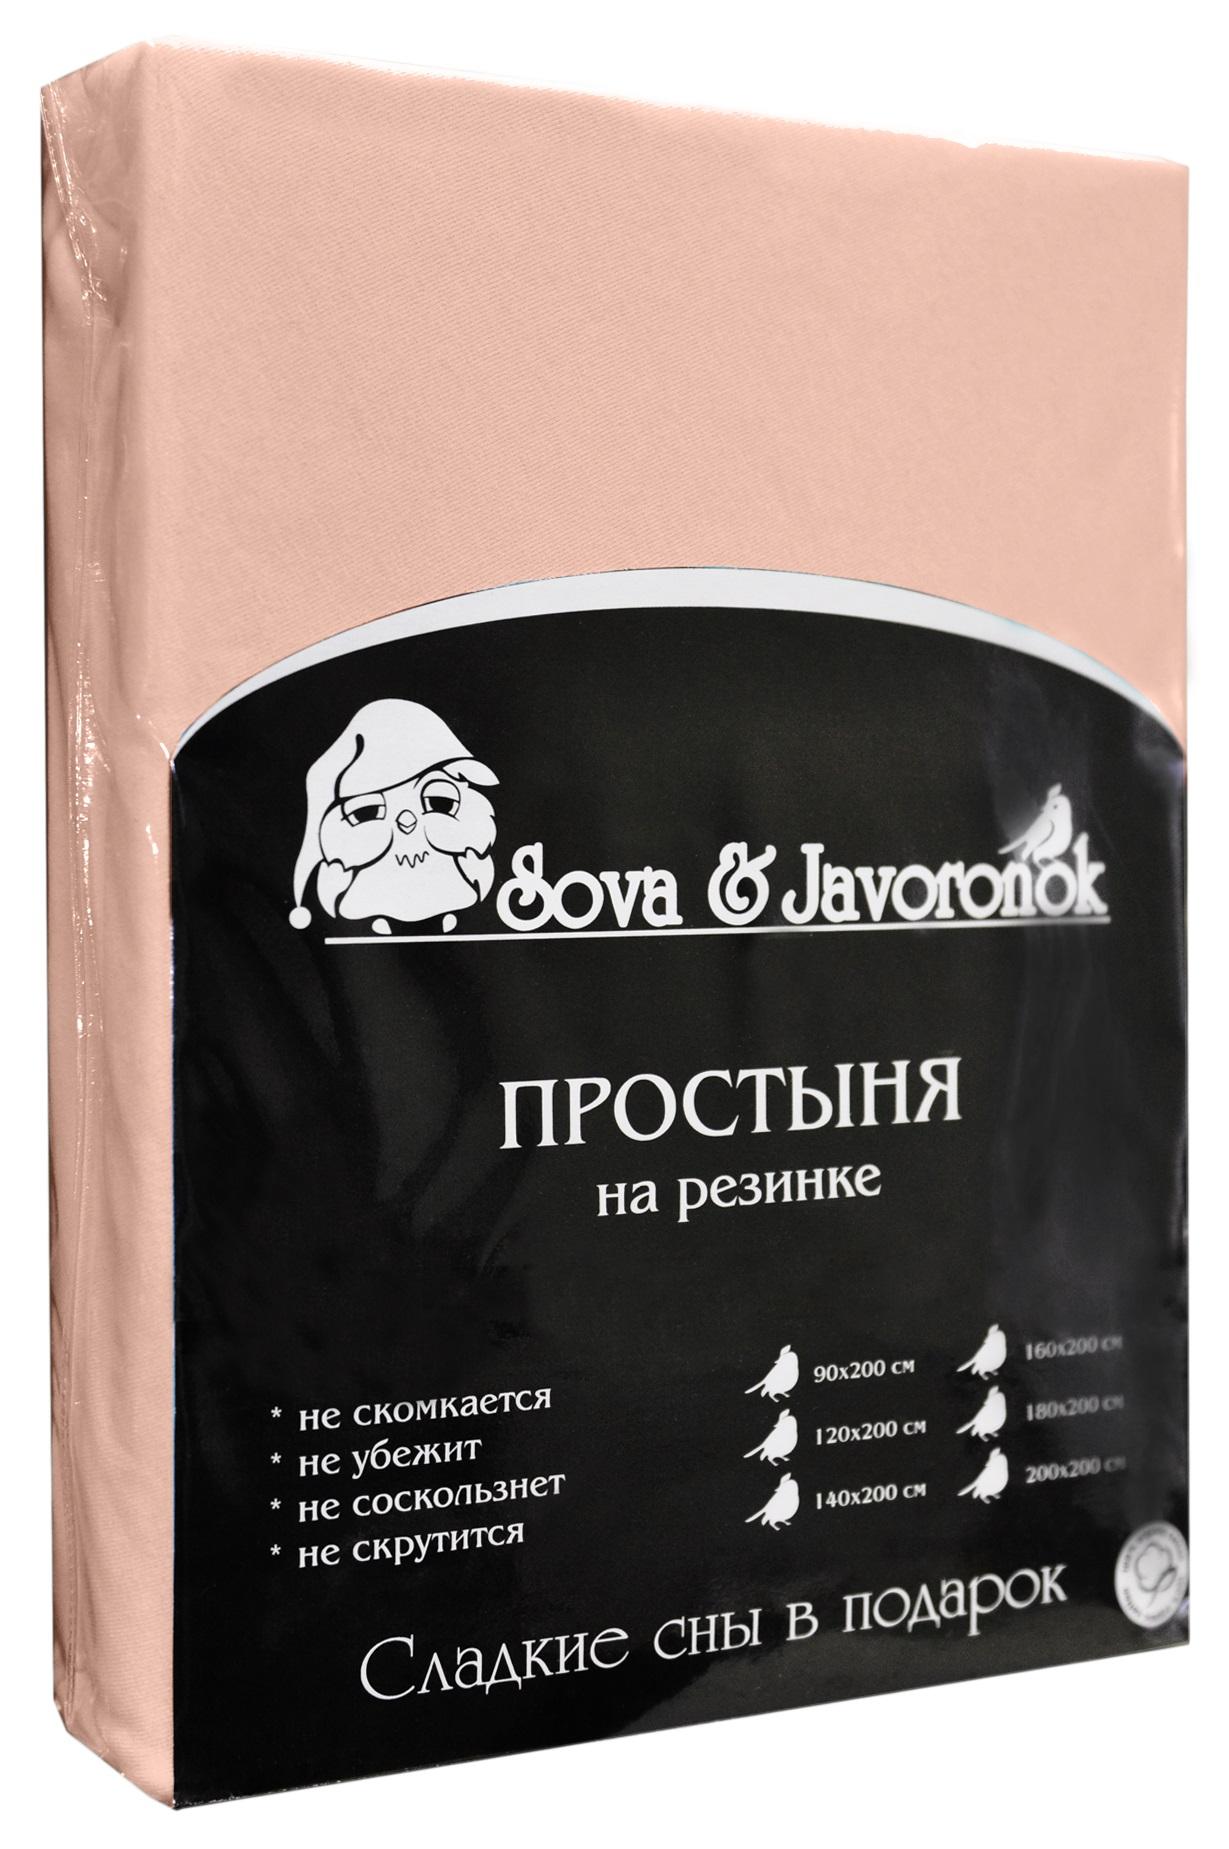 Простыня на резинке Sova & Javoronok, цвет: персиковый, 120 х 200 см25470506-24Простыня на резинке Sova & Javoronok, изготовленная из трикотажной ткани (100% хлопок), будет превосходно смотреться с любыми комплектами белья. Хлопчатобумажный трикотаж по праву считается одним из самых качественных, прочных и при этом приятных на ощупь. Его гигиеничность позволяет использовать простыню и в детских комнатах, к тому же 100%-ый хлопок в составе ткани не вызовет аллергии. У трикотажного полотна очень интересная структура, немного рыхлая за счет отсутствия плотного переплетения нитей и наличия особых петель, благодаря этому простыня Сова и Жаворонок отлично пропускает воздух и способствует его постоянной циркуляции. Поэтому ваша постель будет всегда оставаться свежей. Но главное и, пожалуй, самое известное свойство трикотажа - это его великолепная растяжимость, поэтому эта ткань и была выбрана для натяжной простыни на резинке.Простыня прошита резинкой по всему периметру, что обеспечивает более комфортный отдых, так как она прочно удерживается на матрасе и избавляет от необходимости часто поправлять простыню.